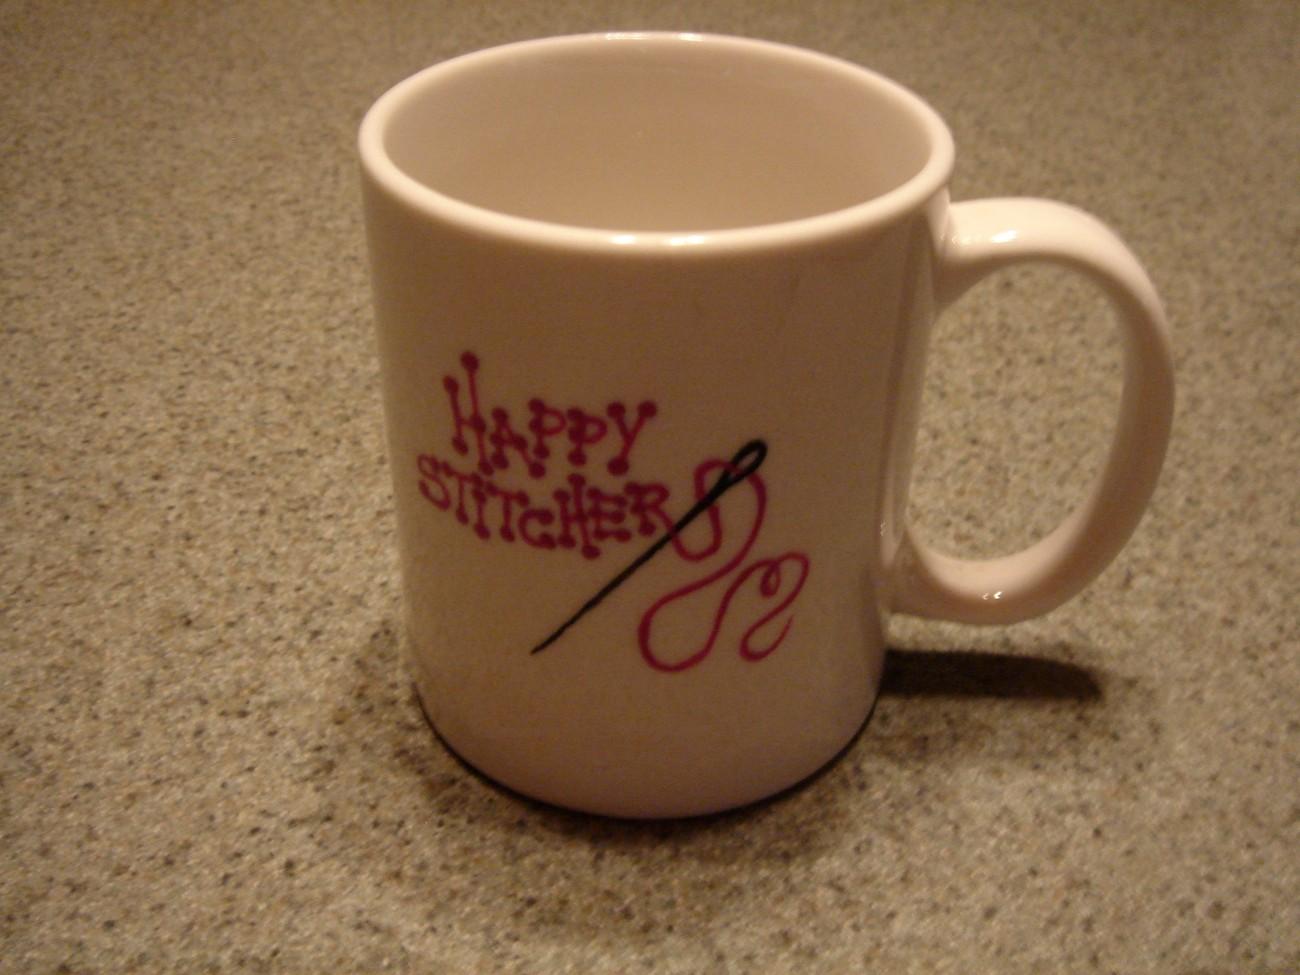 Mug happy stitcher